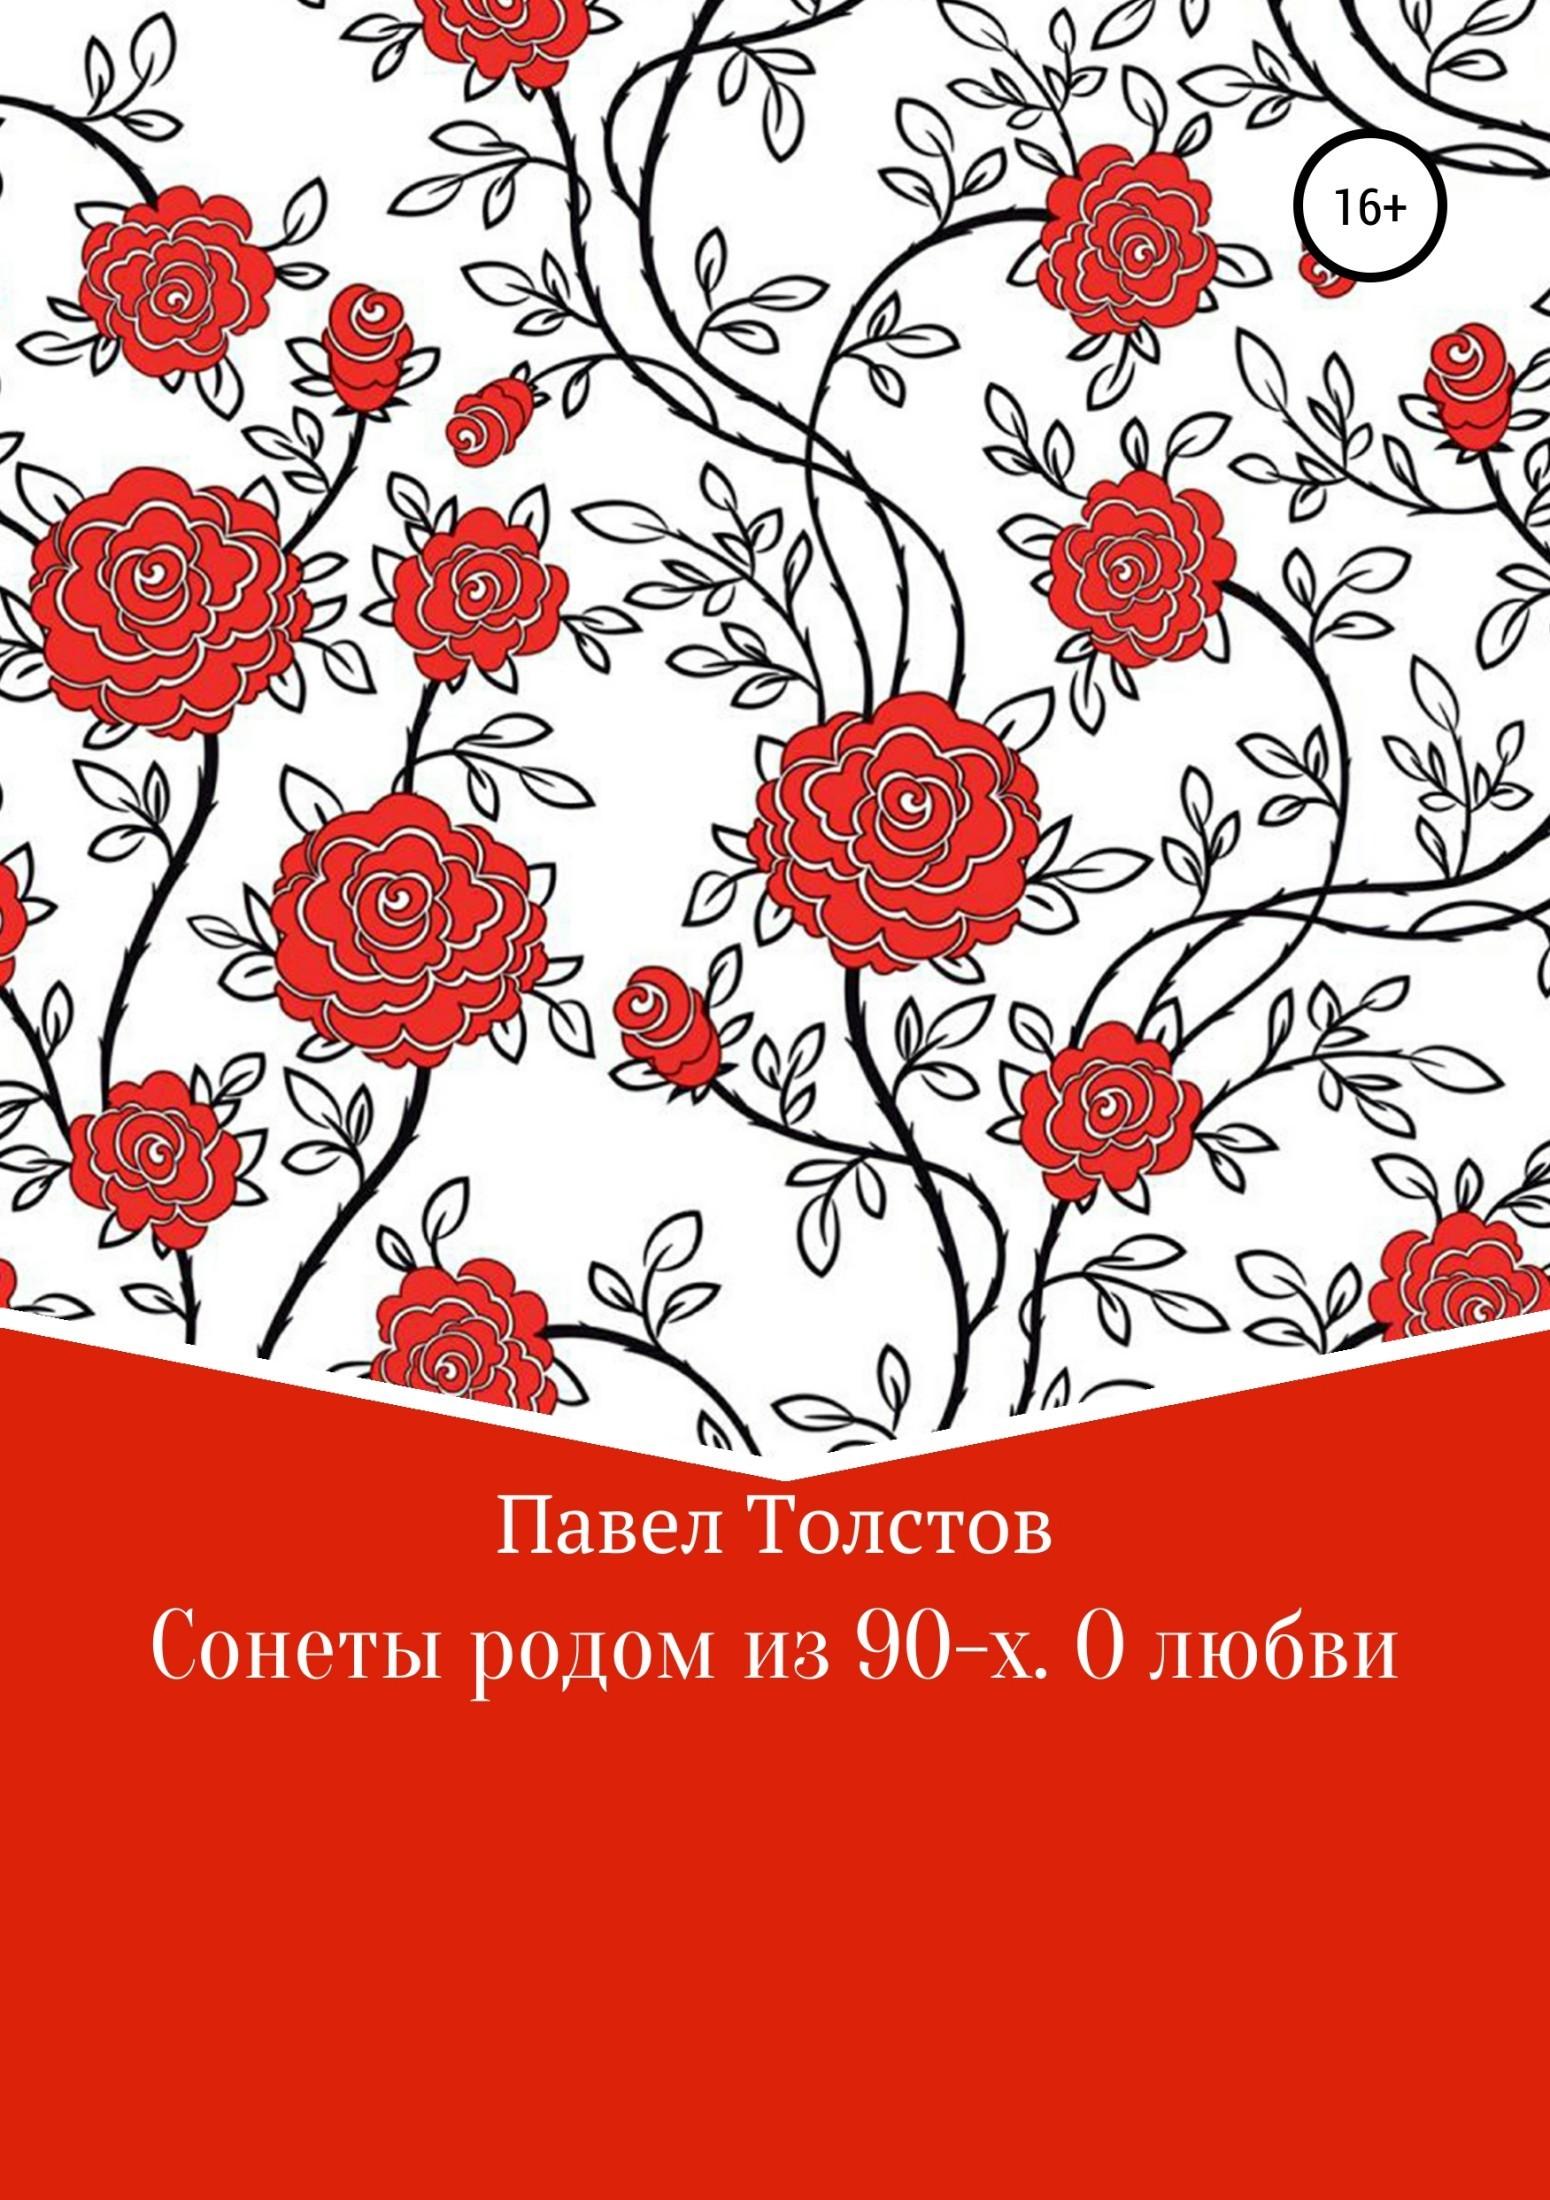 Павел Владимирович Толстов Сонеты родом из 90-х. О любви гульназ резванова зимняя весна первая книга олюбви наивная